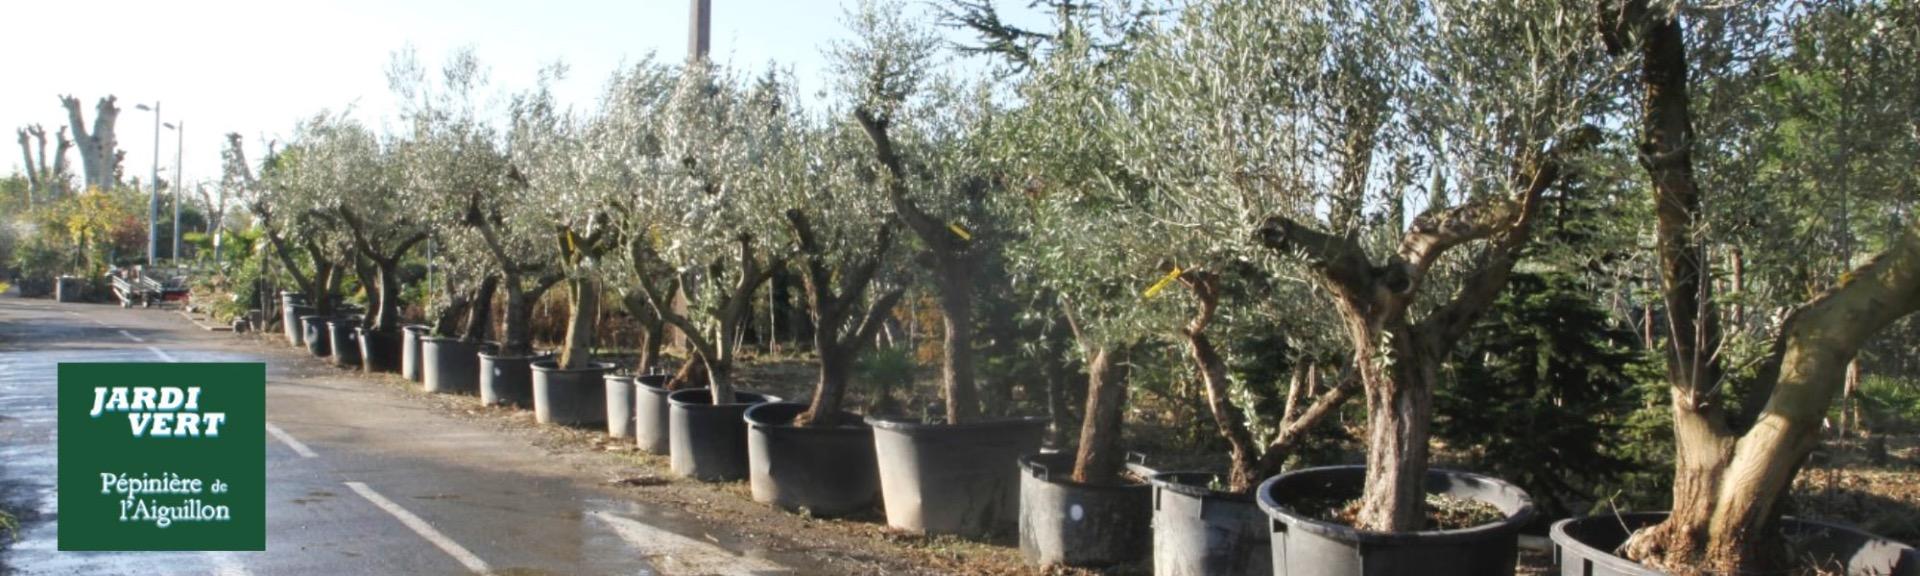 Grand choix d'oliviers à Toulouse - Jardi Vert Pépinière de l'Aiguillon